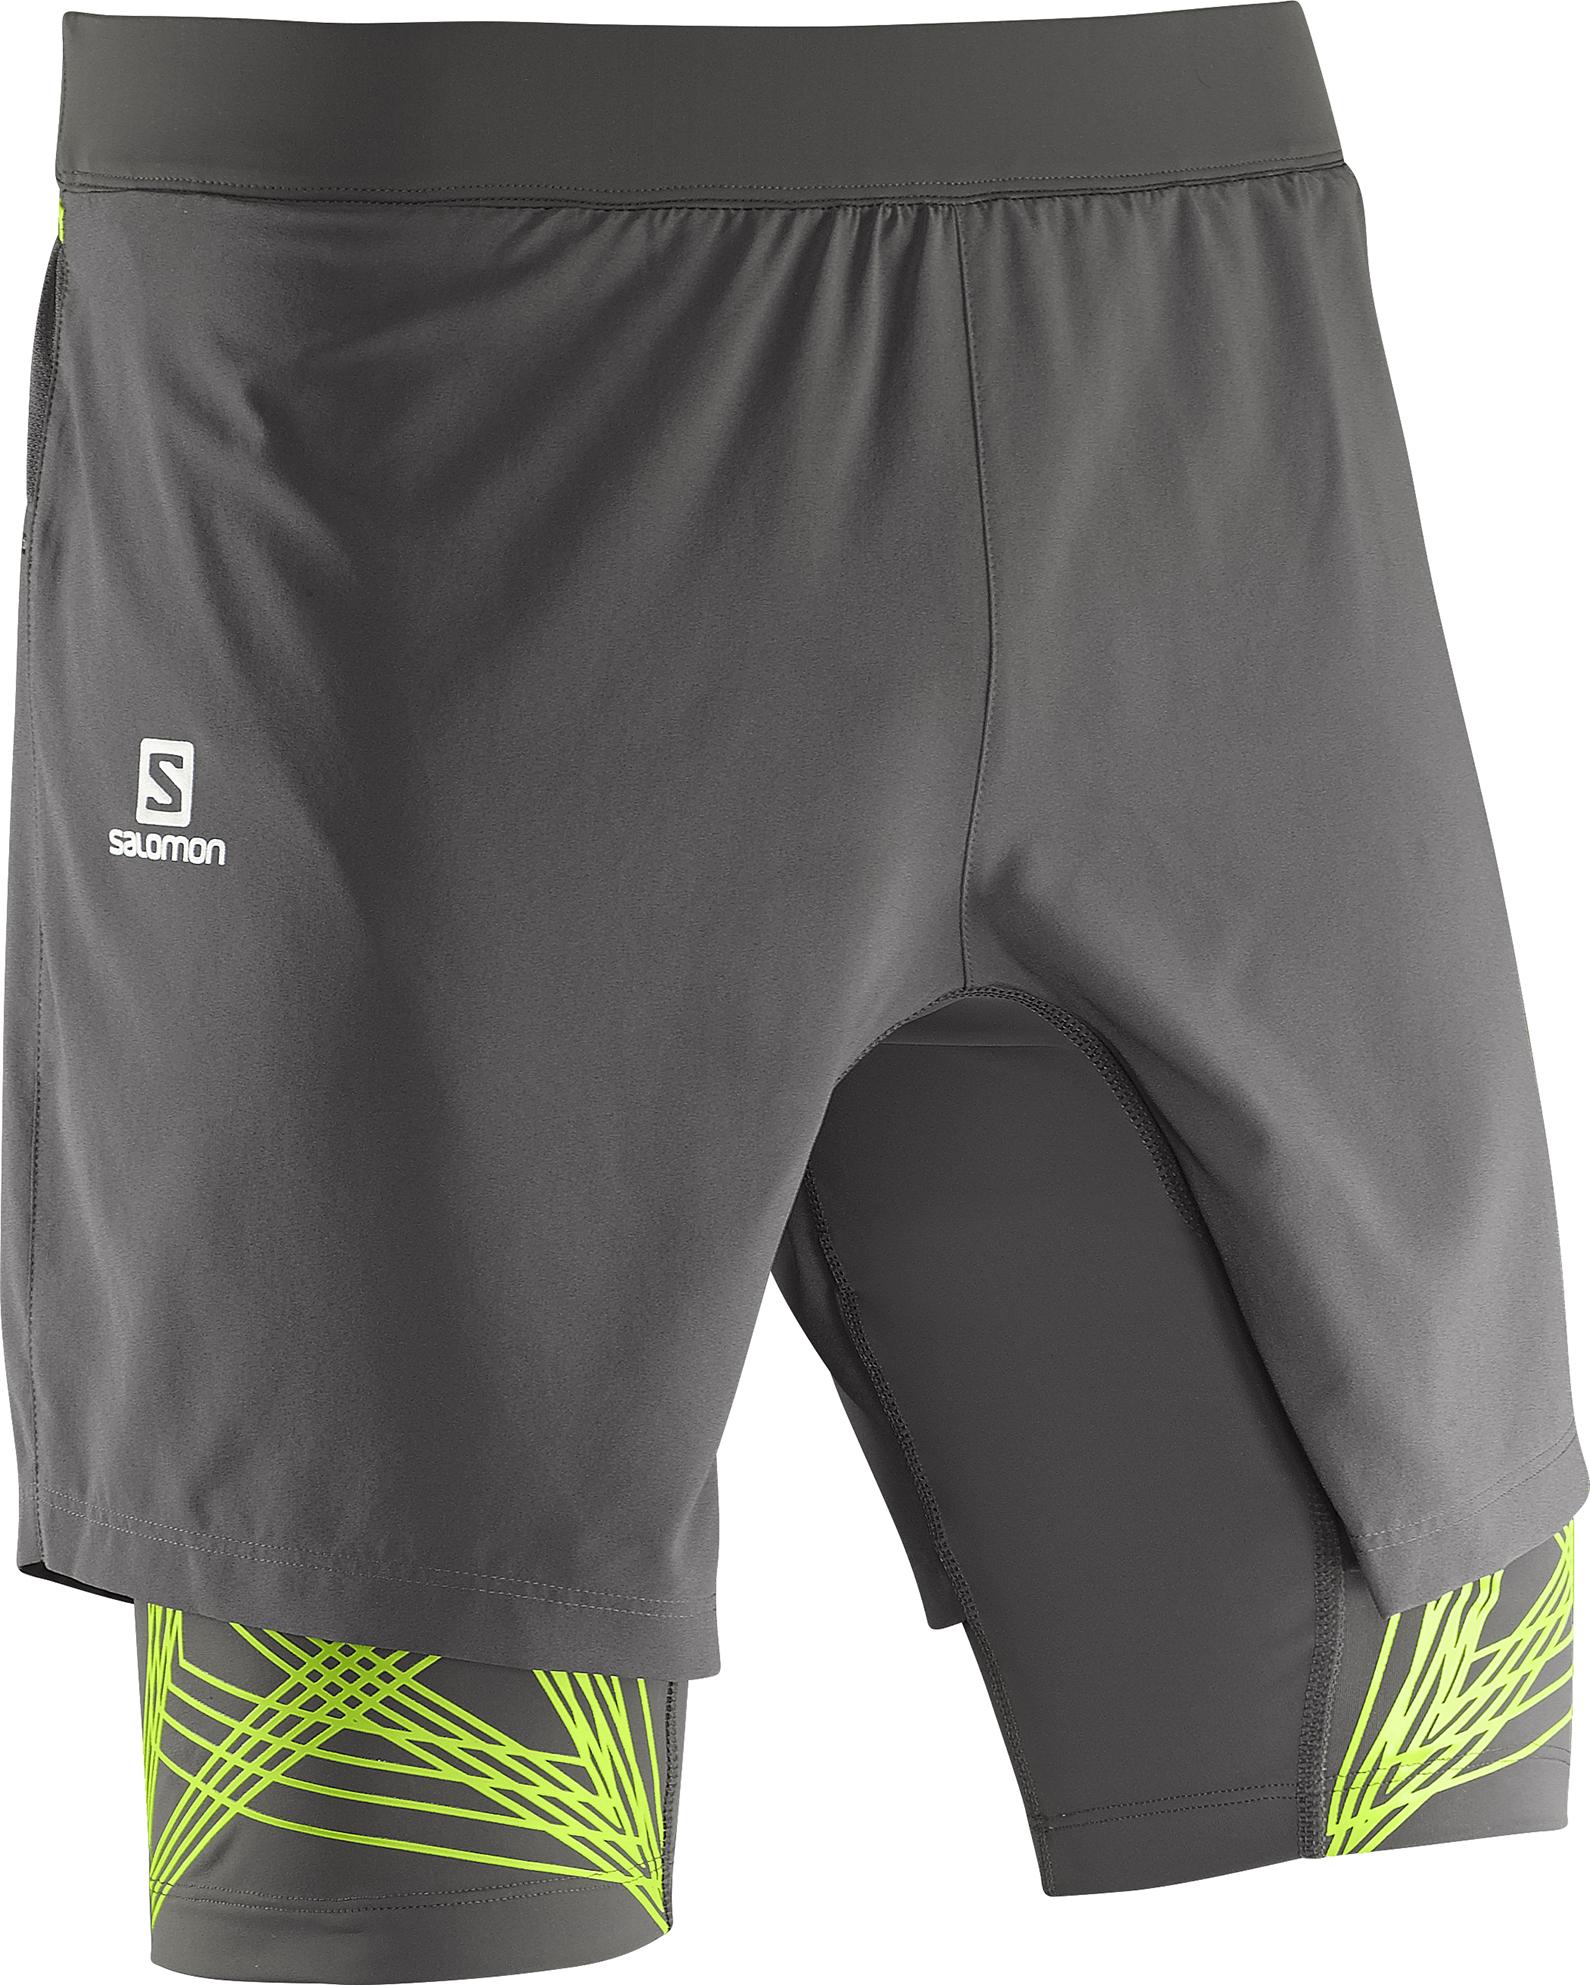 Salomon Intensity TW Short 379419 šedá XL